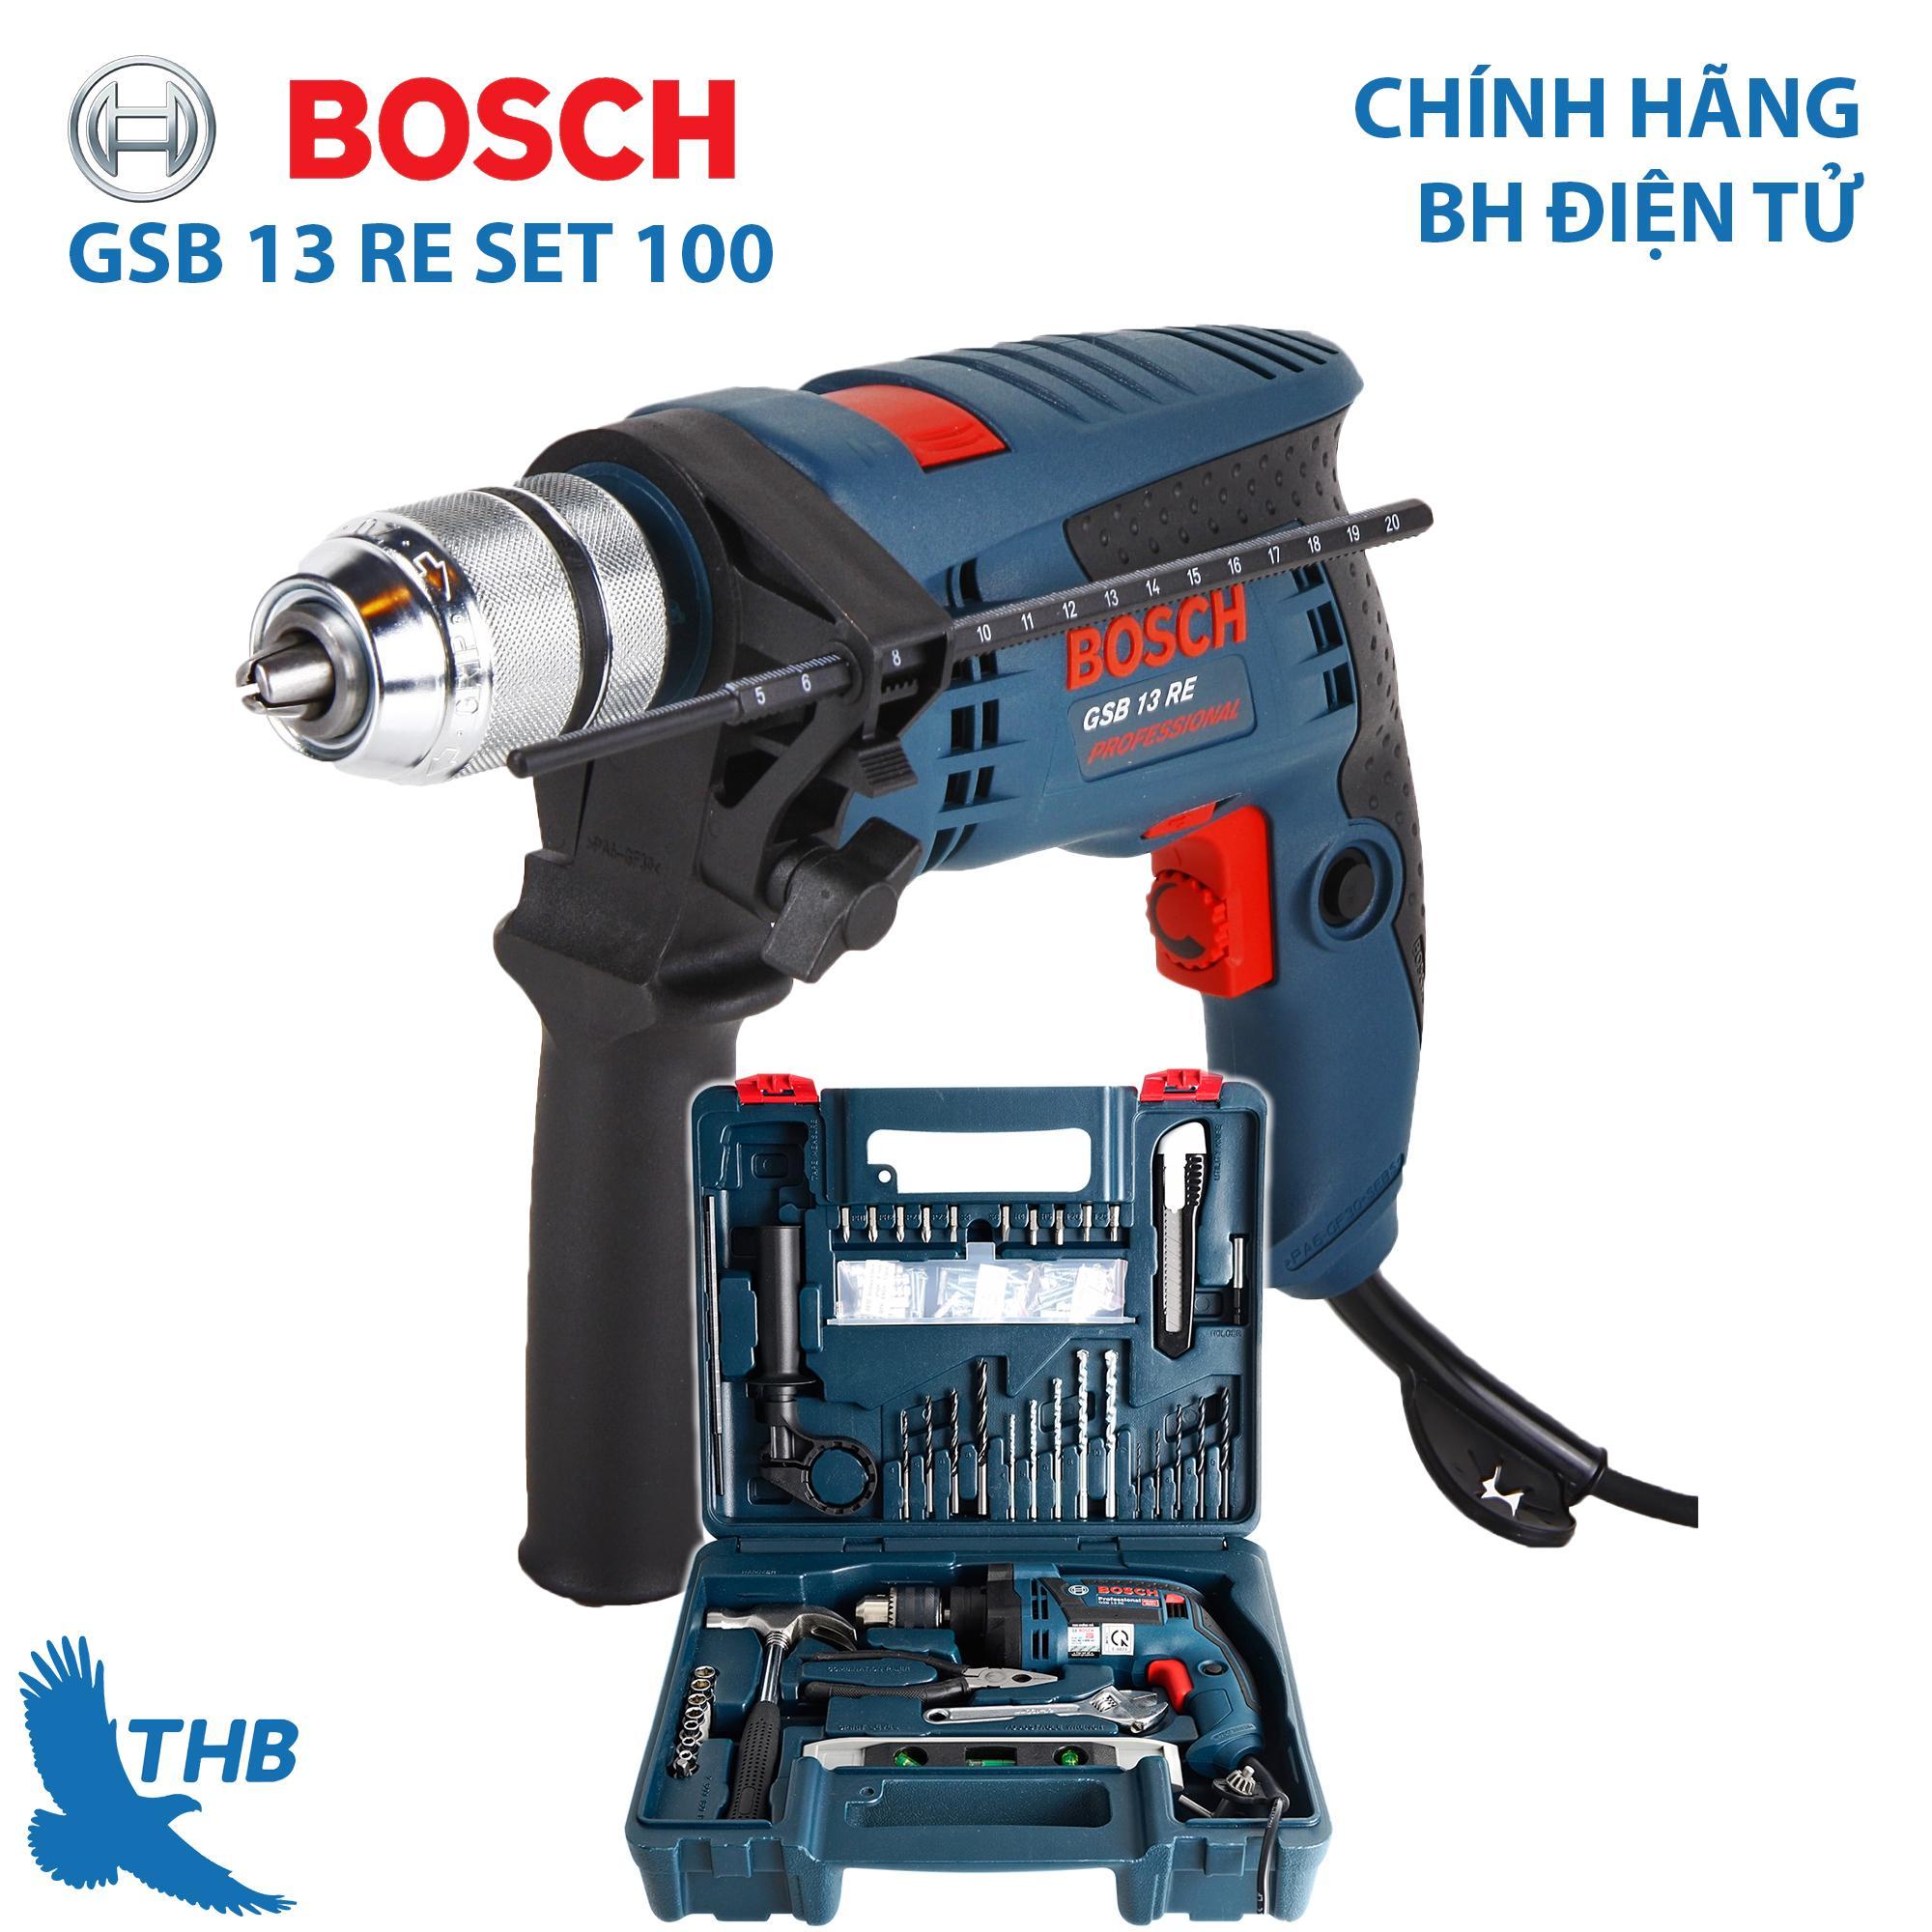 Bộ máy khoan gia đinh Bosch Bộ máy khoan đa năng Bosch chính hãng GSB 13 RE SET 100 món Hộp nhựa Bảo hành điện tử 12 tháng